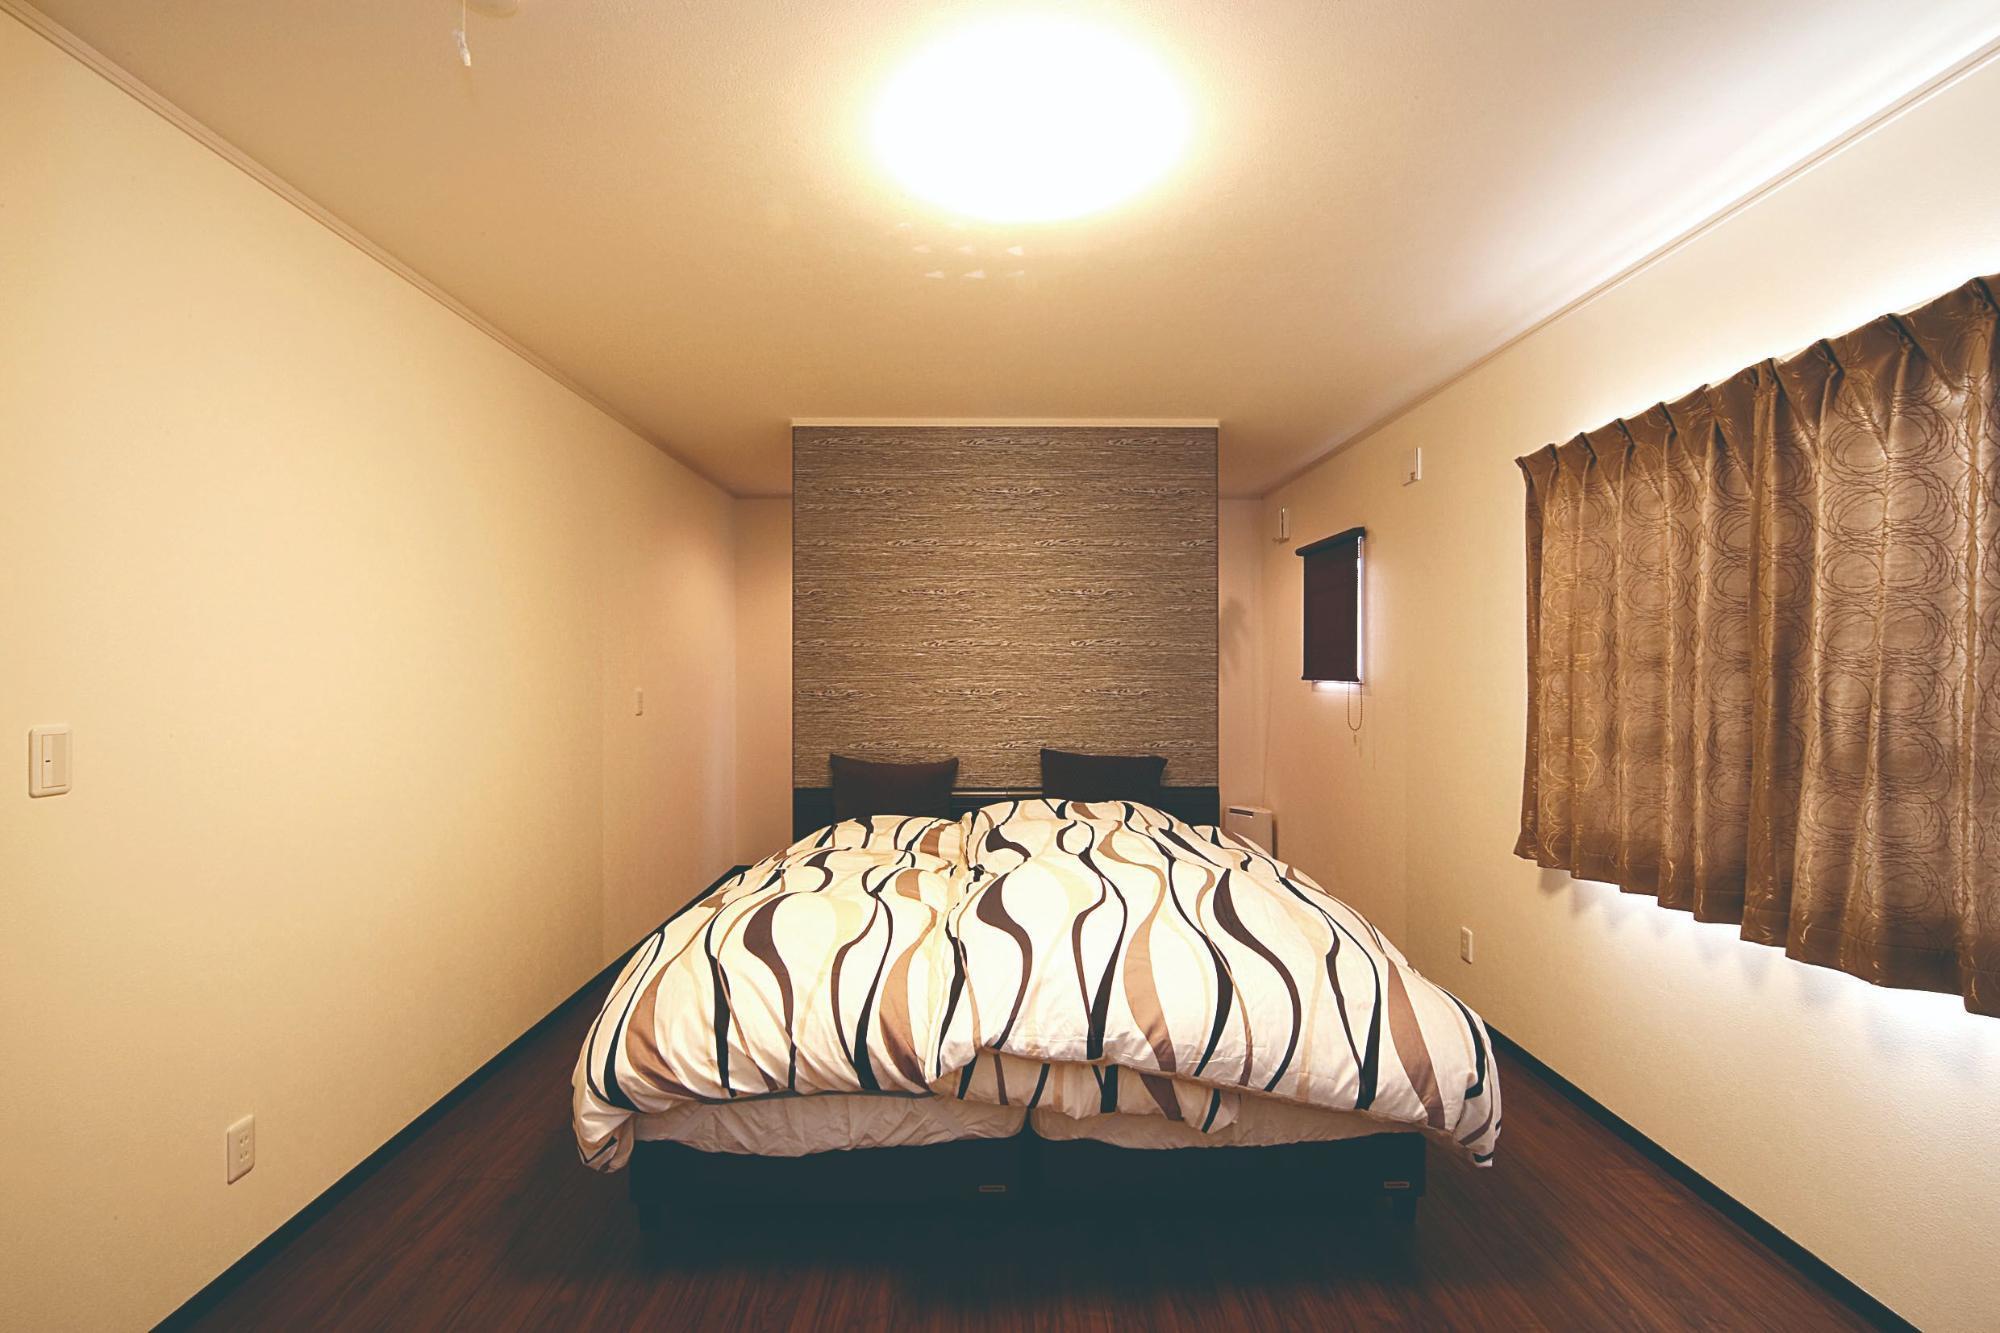 株式会社イシカワ「鋭角屋根が特徴的なスタイリッシュ住宅」のシンプル・ナチュラル・モダンな居室の実例写真